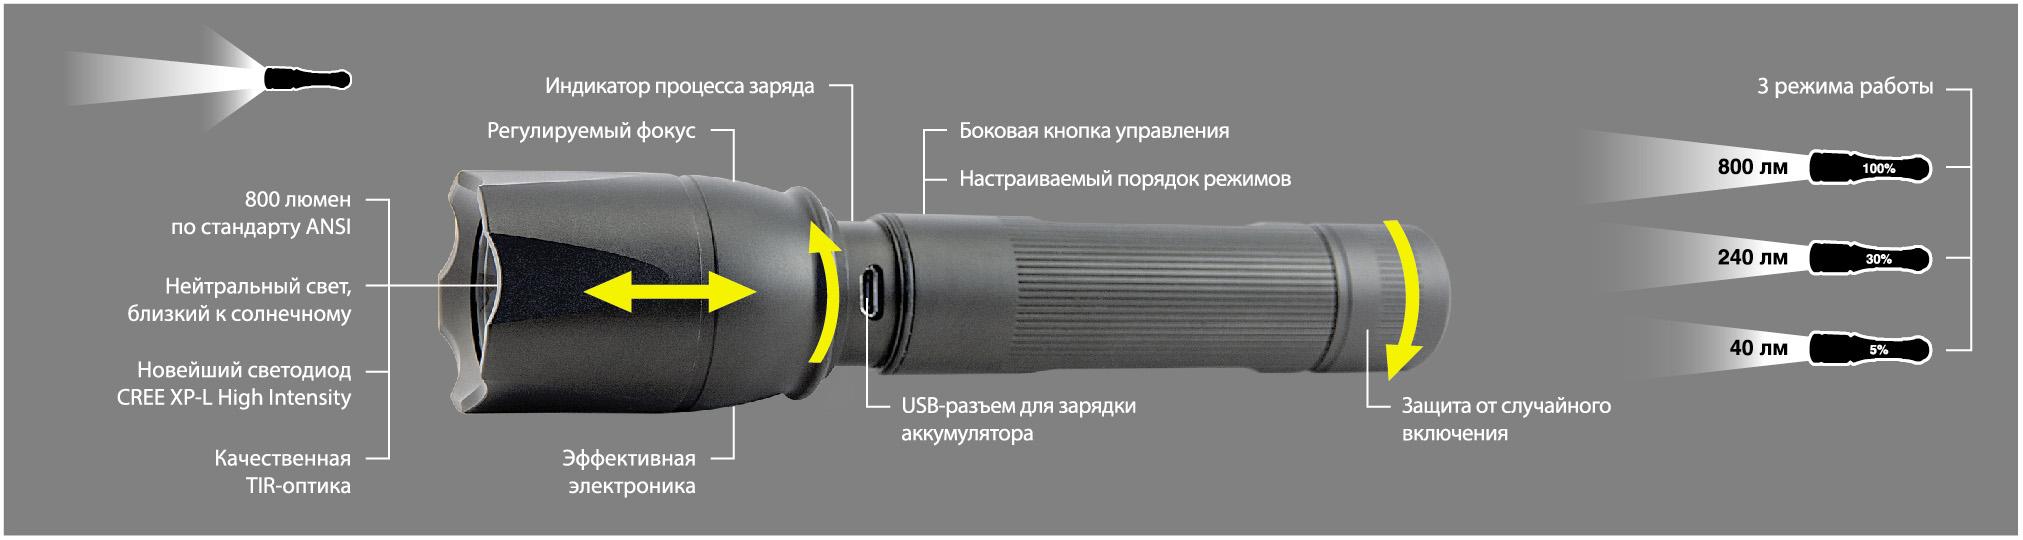 f20 01 tech.jpg